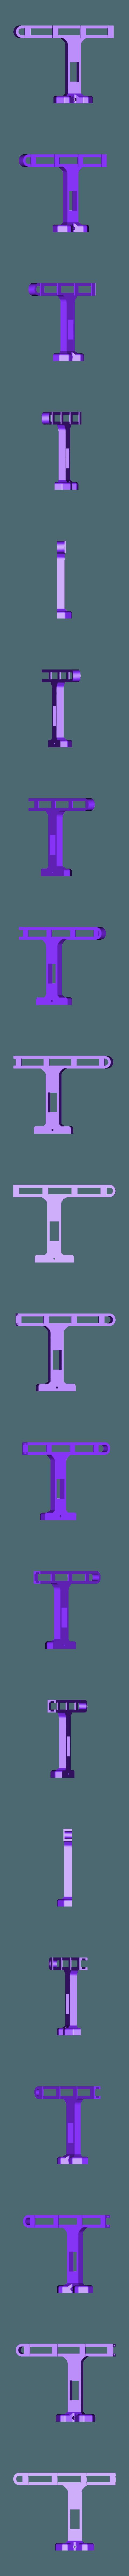 base.STL Télécharger fichier STL gratuit Mécanisme de mise en forme (mécanisme de retour rapide) • Design pour imprimante 3D, YEHIA